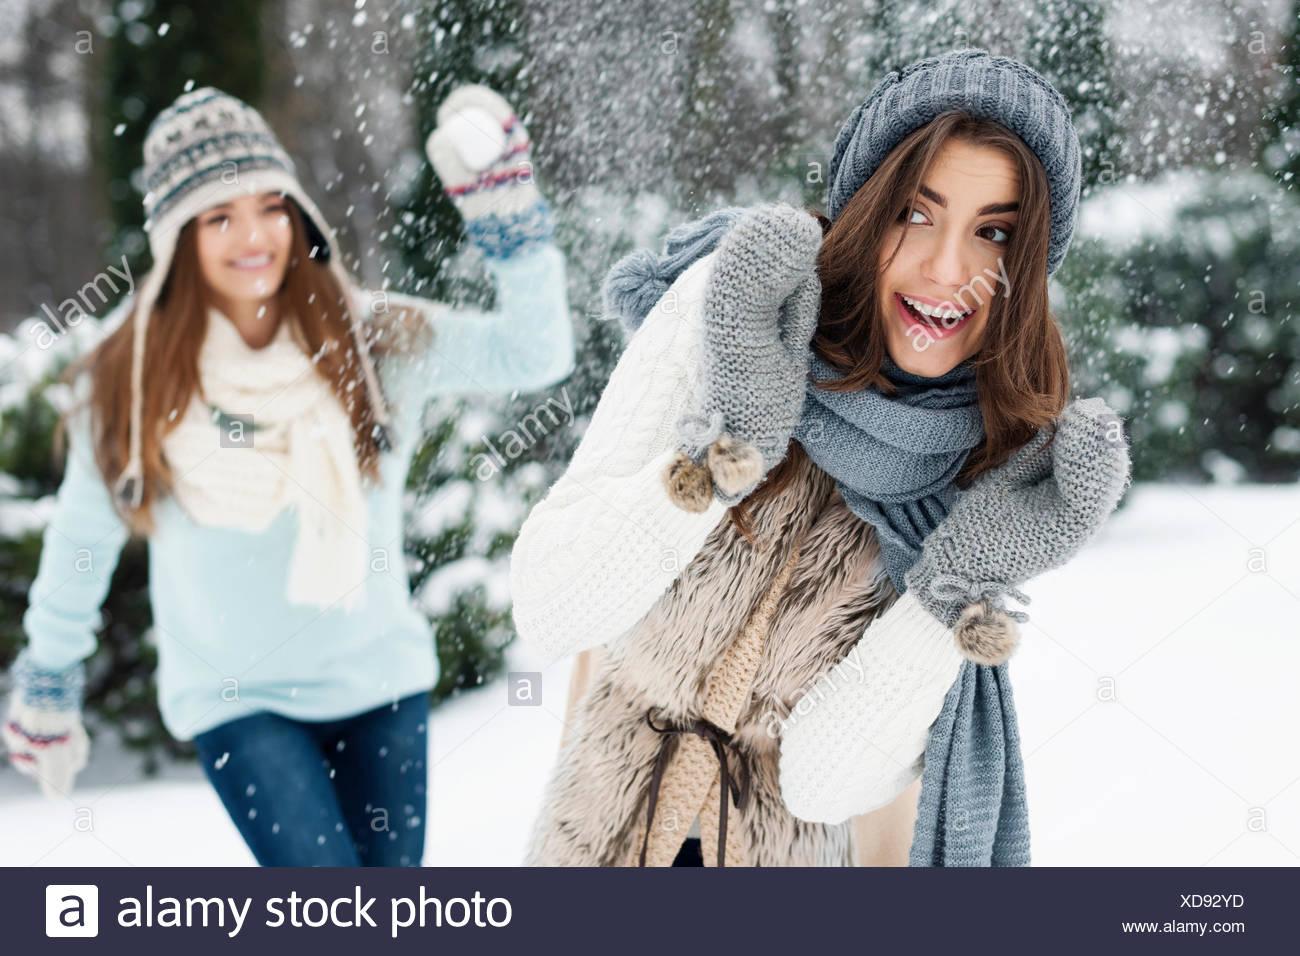 Les jeunes femmes s'amuser pendant la bataille de boules. Debica, Pologne Photo Stock